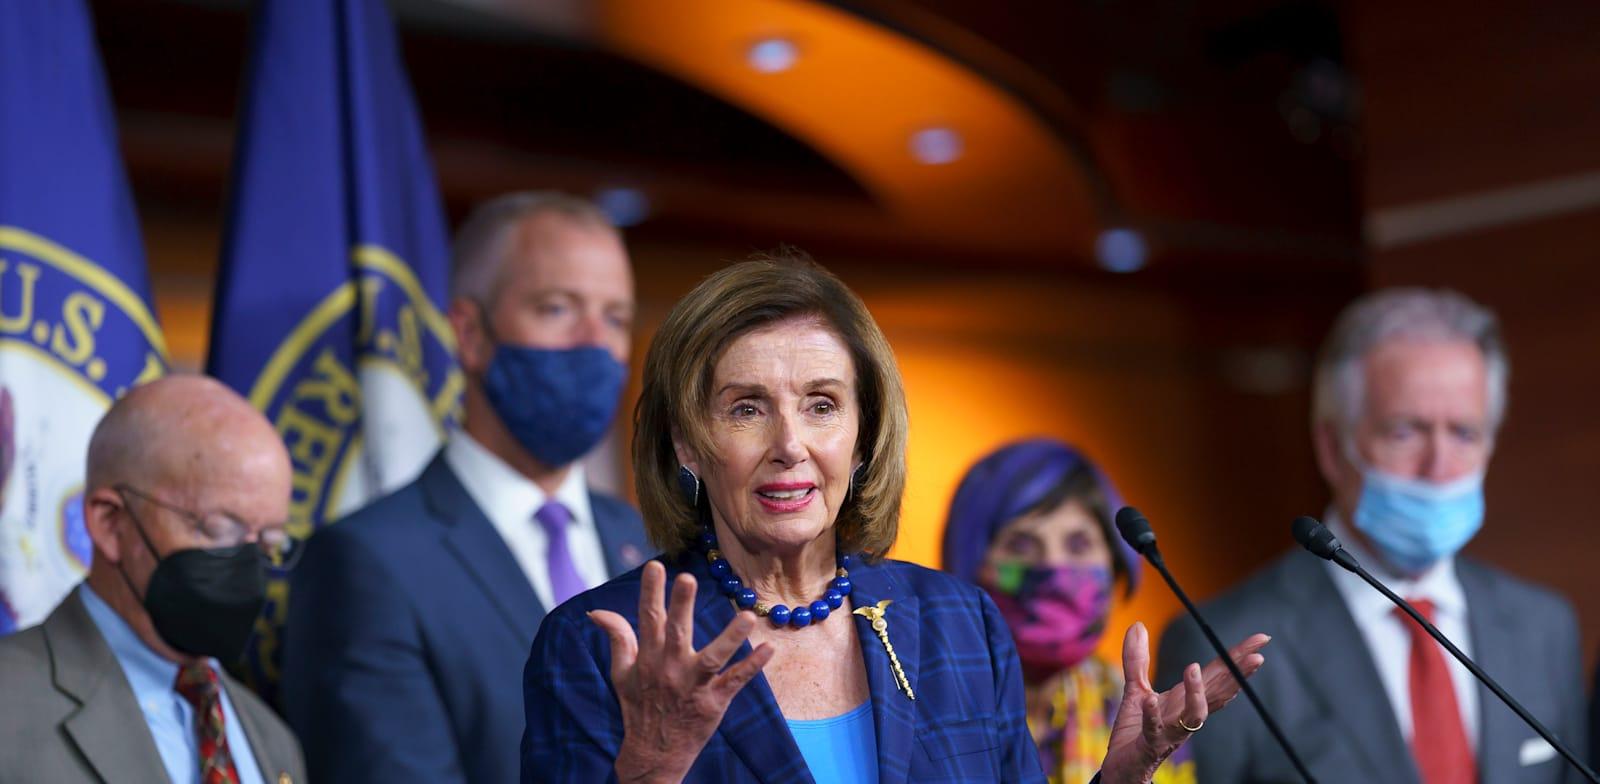 """יו""""ר הבית ננסי פלוסי בסוף השבוע, וושינגטון / צילום: Associated Press, J. Scott Applewhite"""